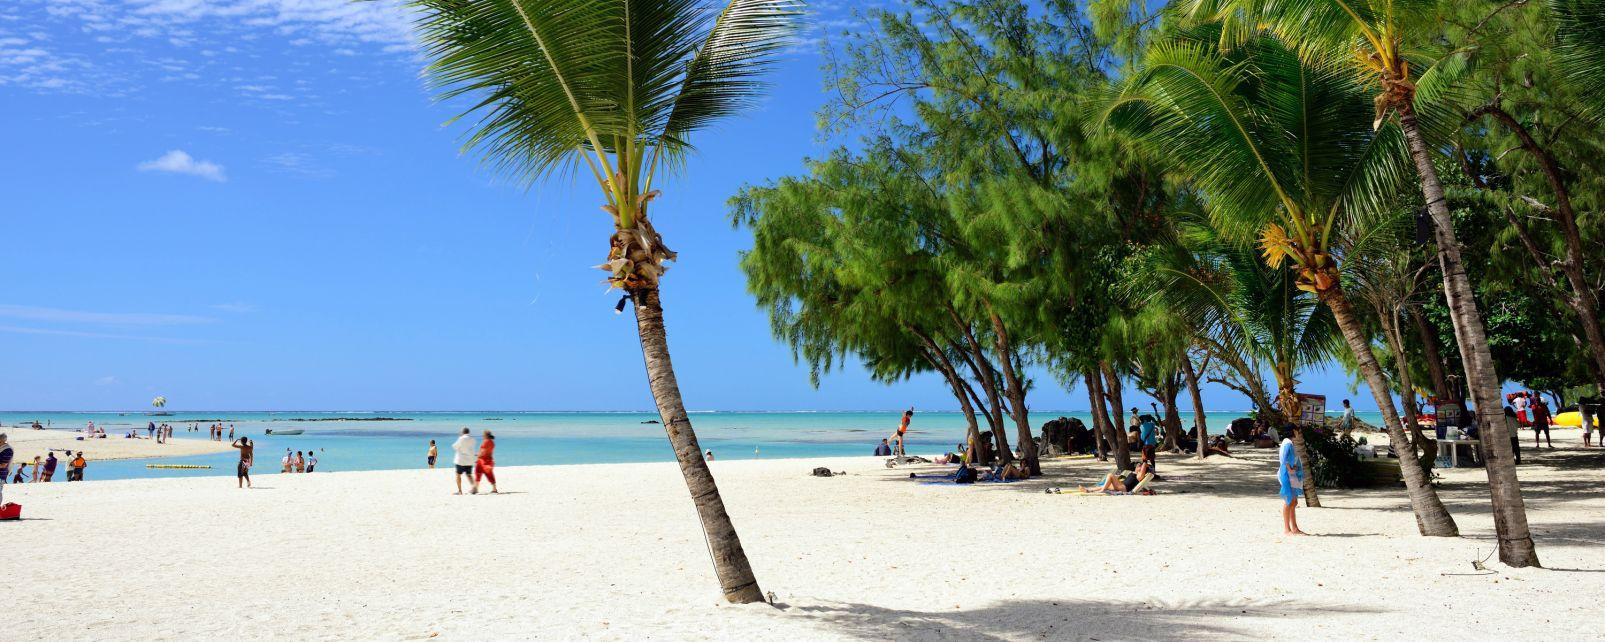 Ile aux Cerfs, Mauritius, L'île aux Cerfs, Islands, Trou d'Eau Douce, Mauritius